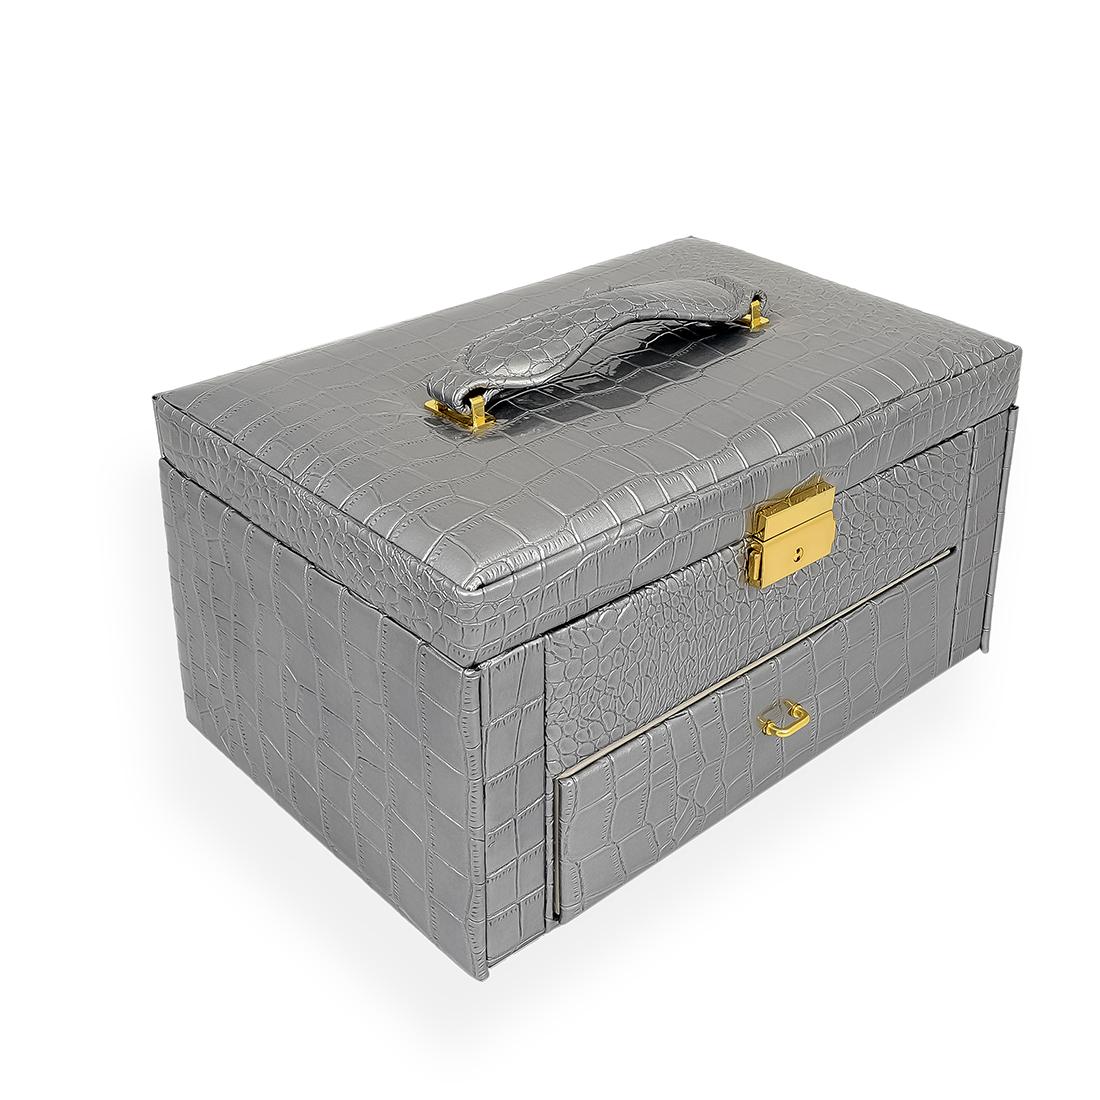 Šperkovnice JKBox SP950-AG